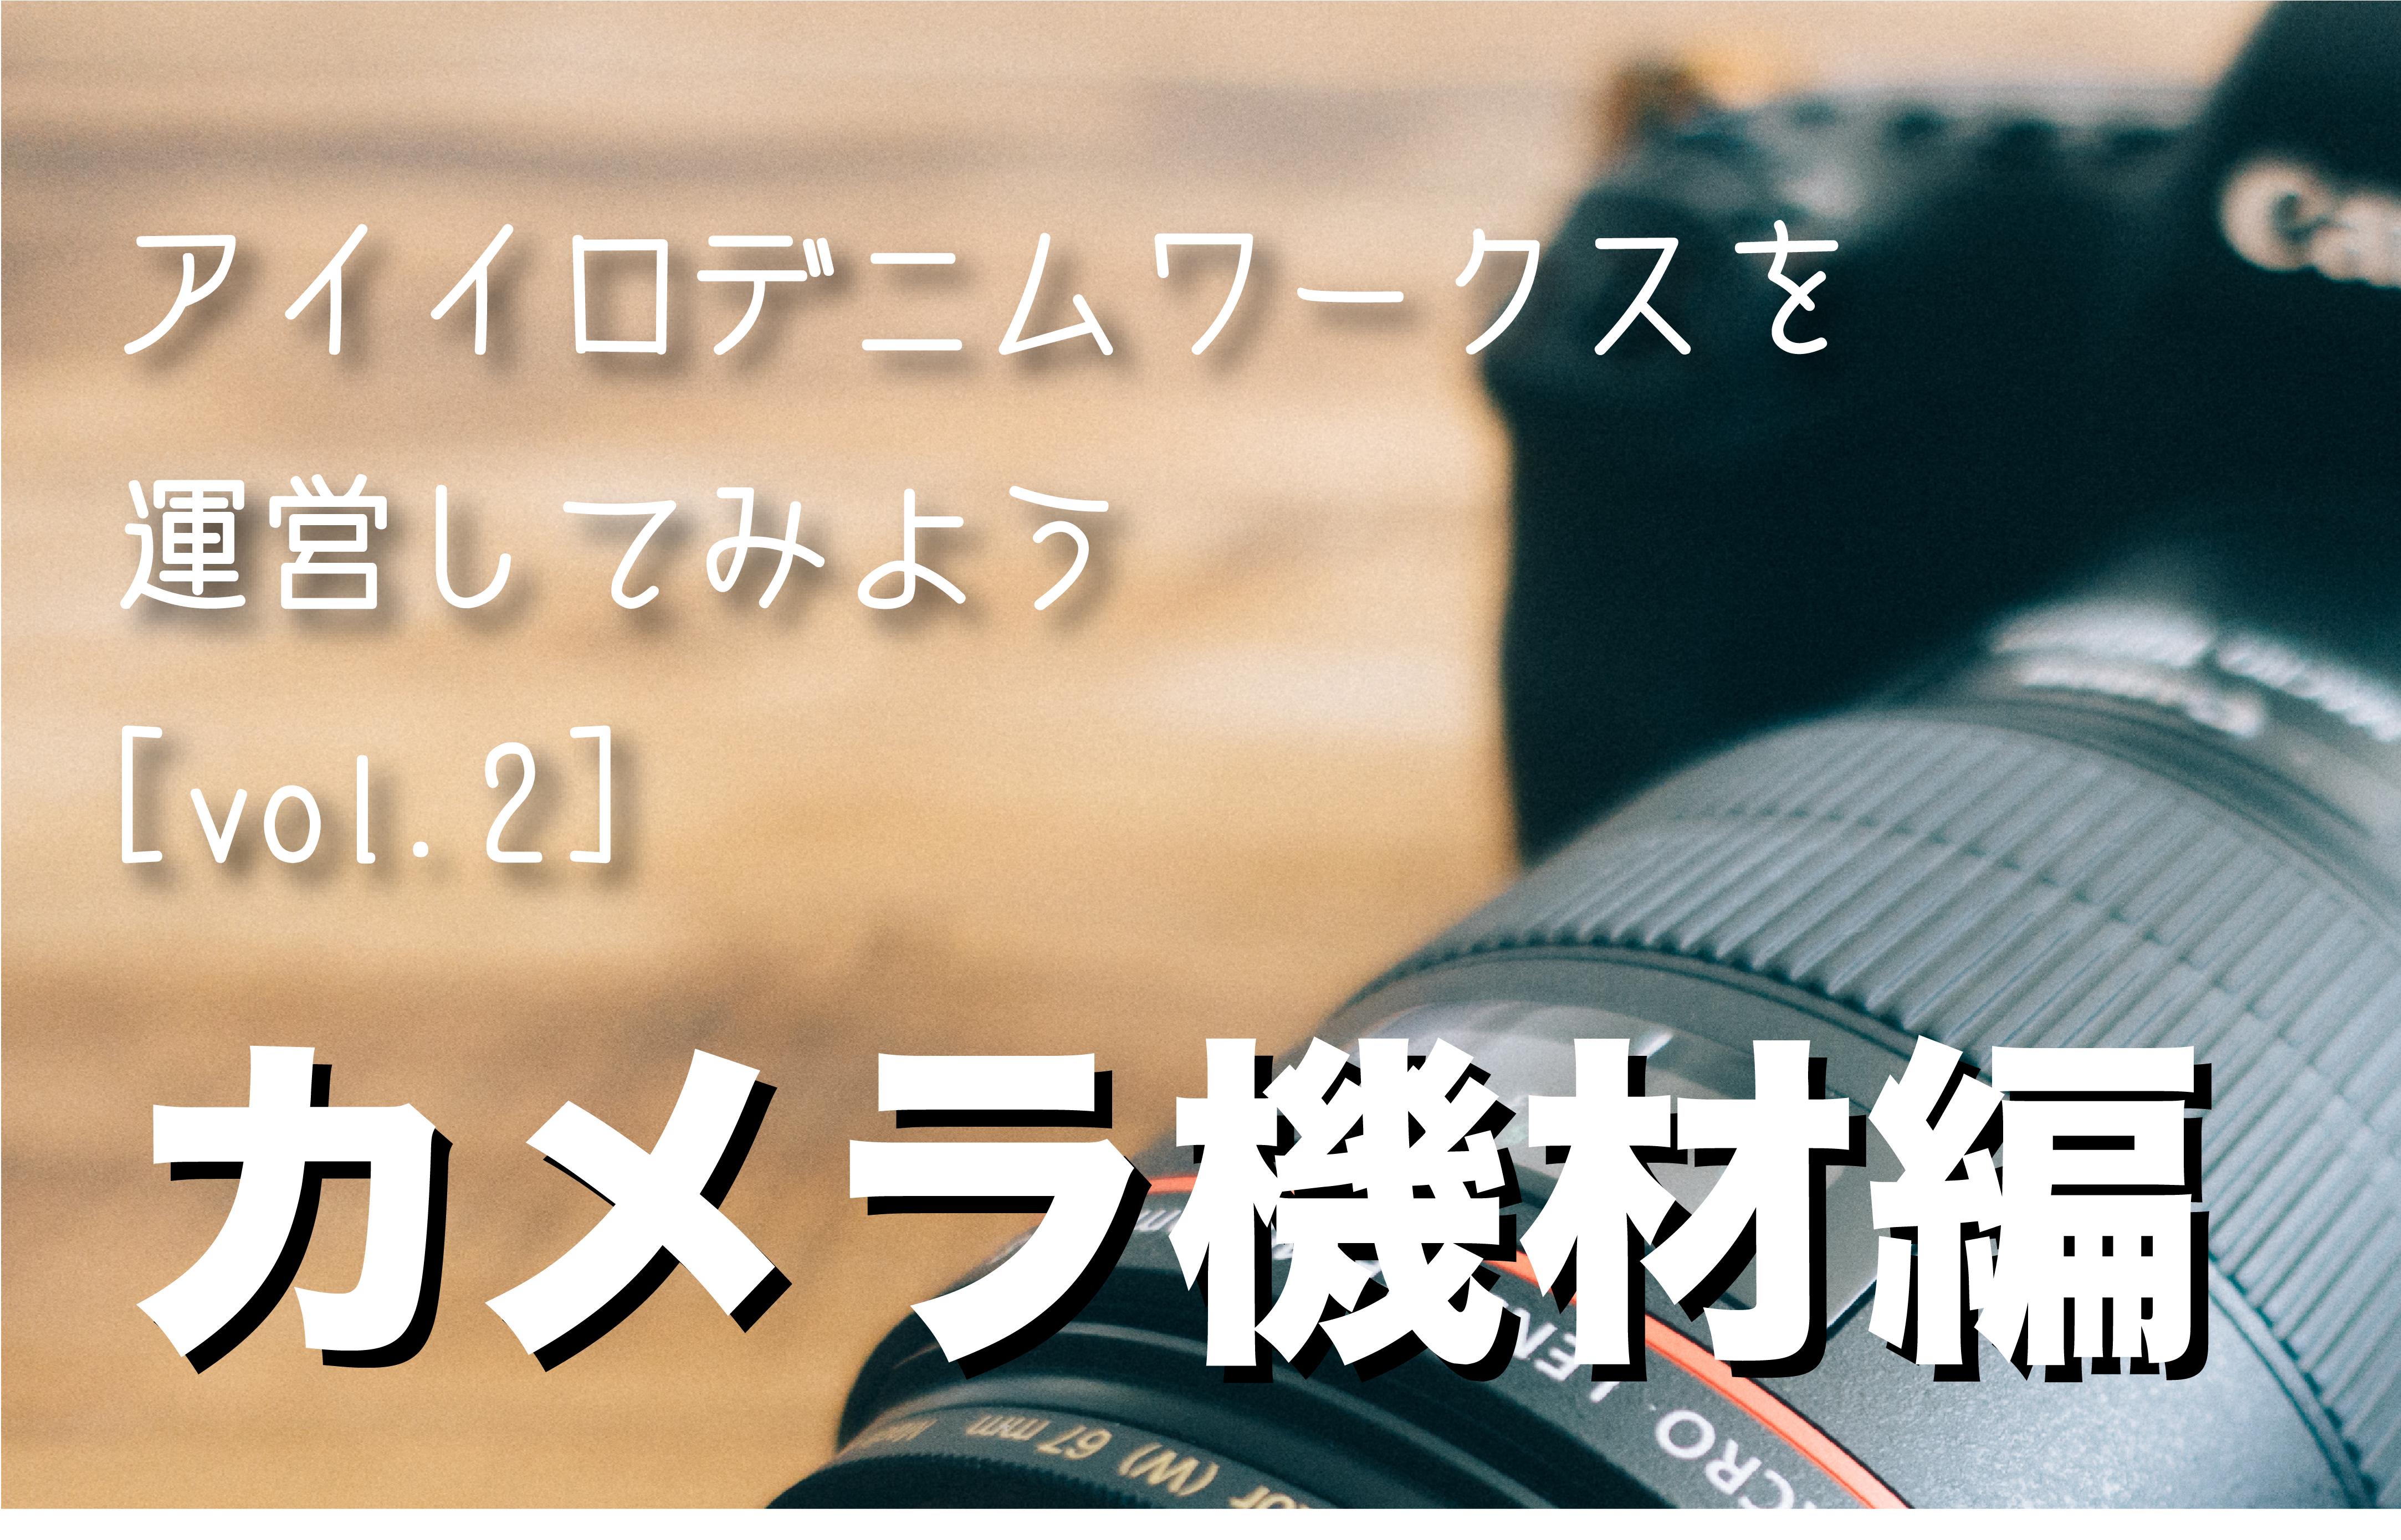 カメラとレンズ機材